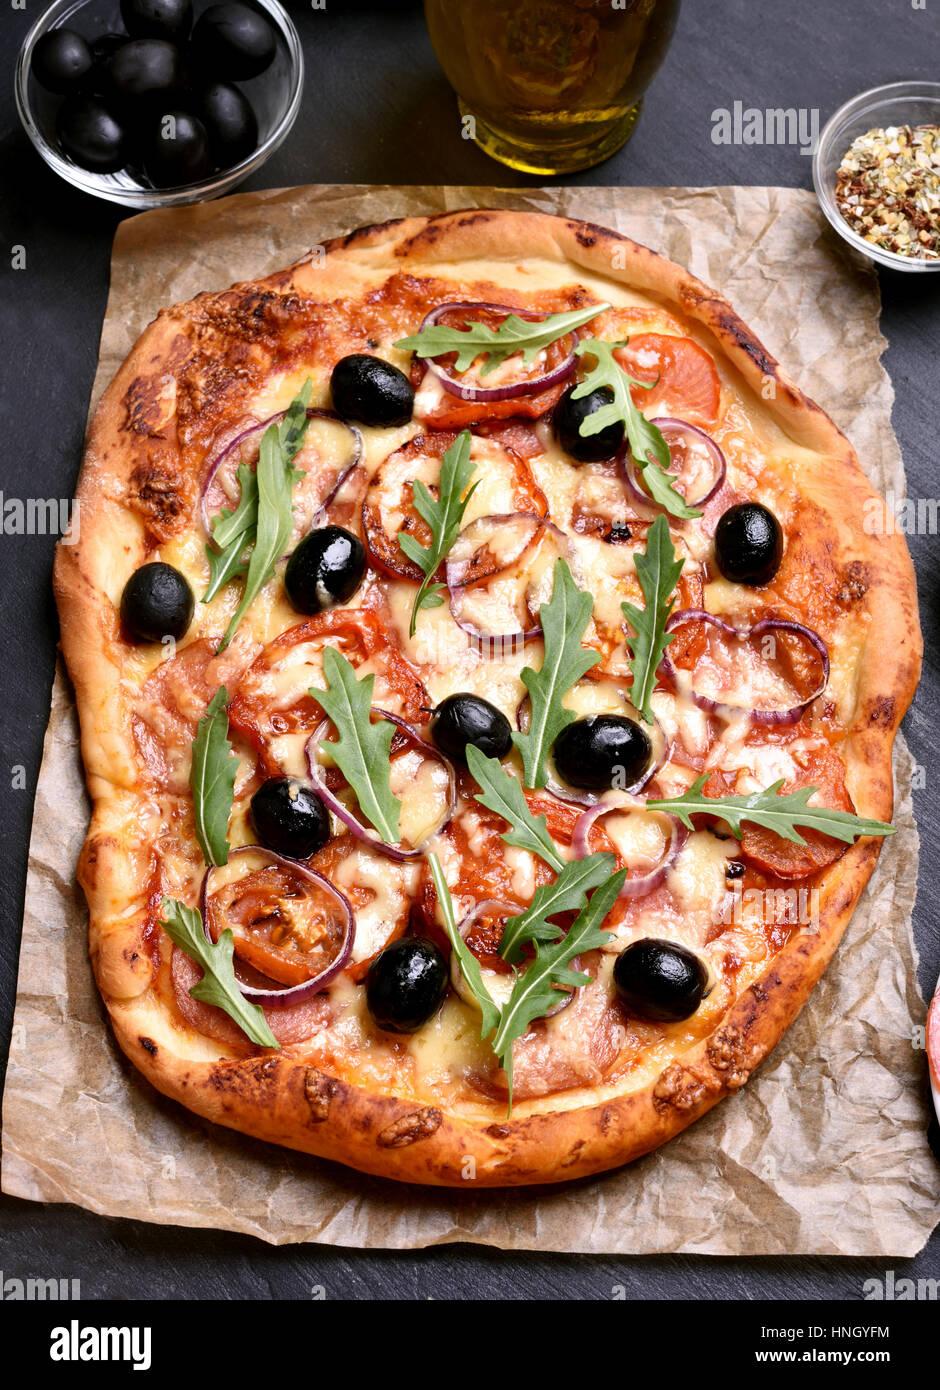 Pizza con tomate, salami y aceitunas en papel Imagen De Stock